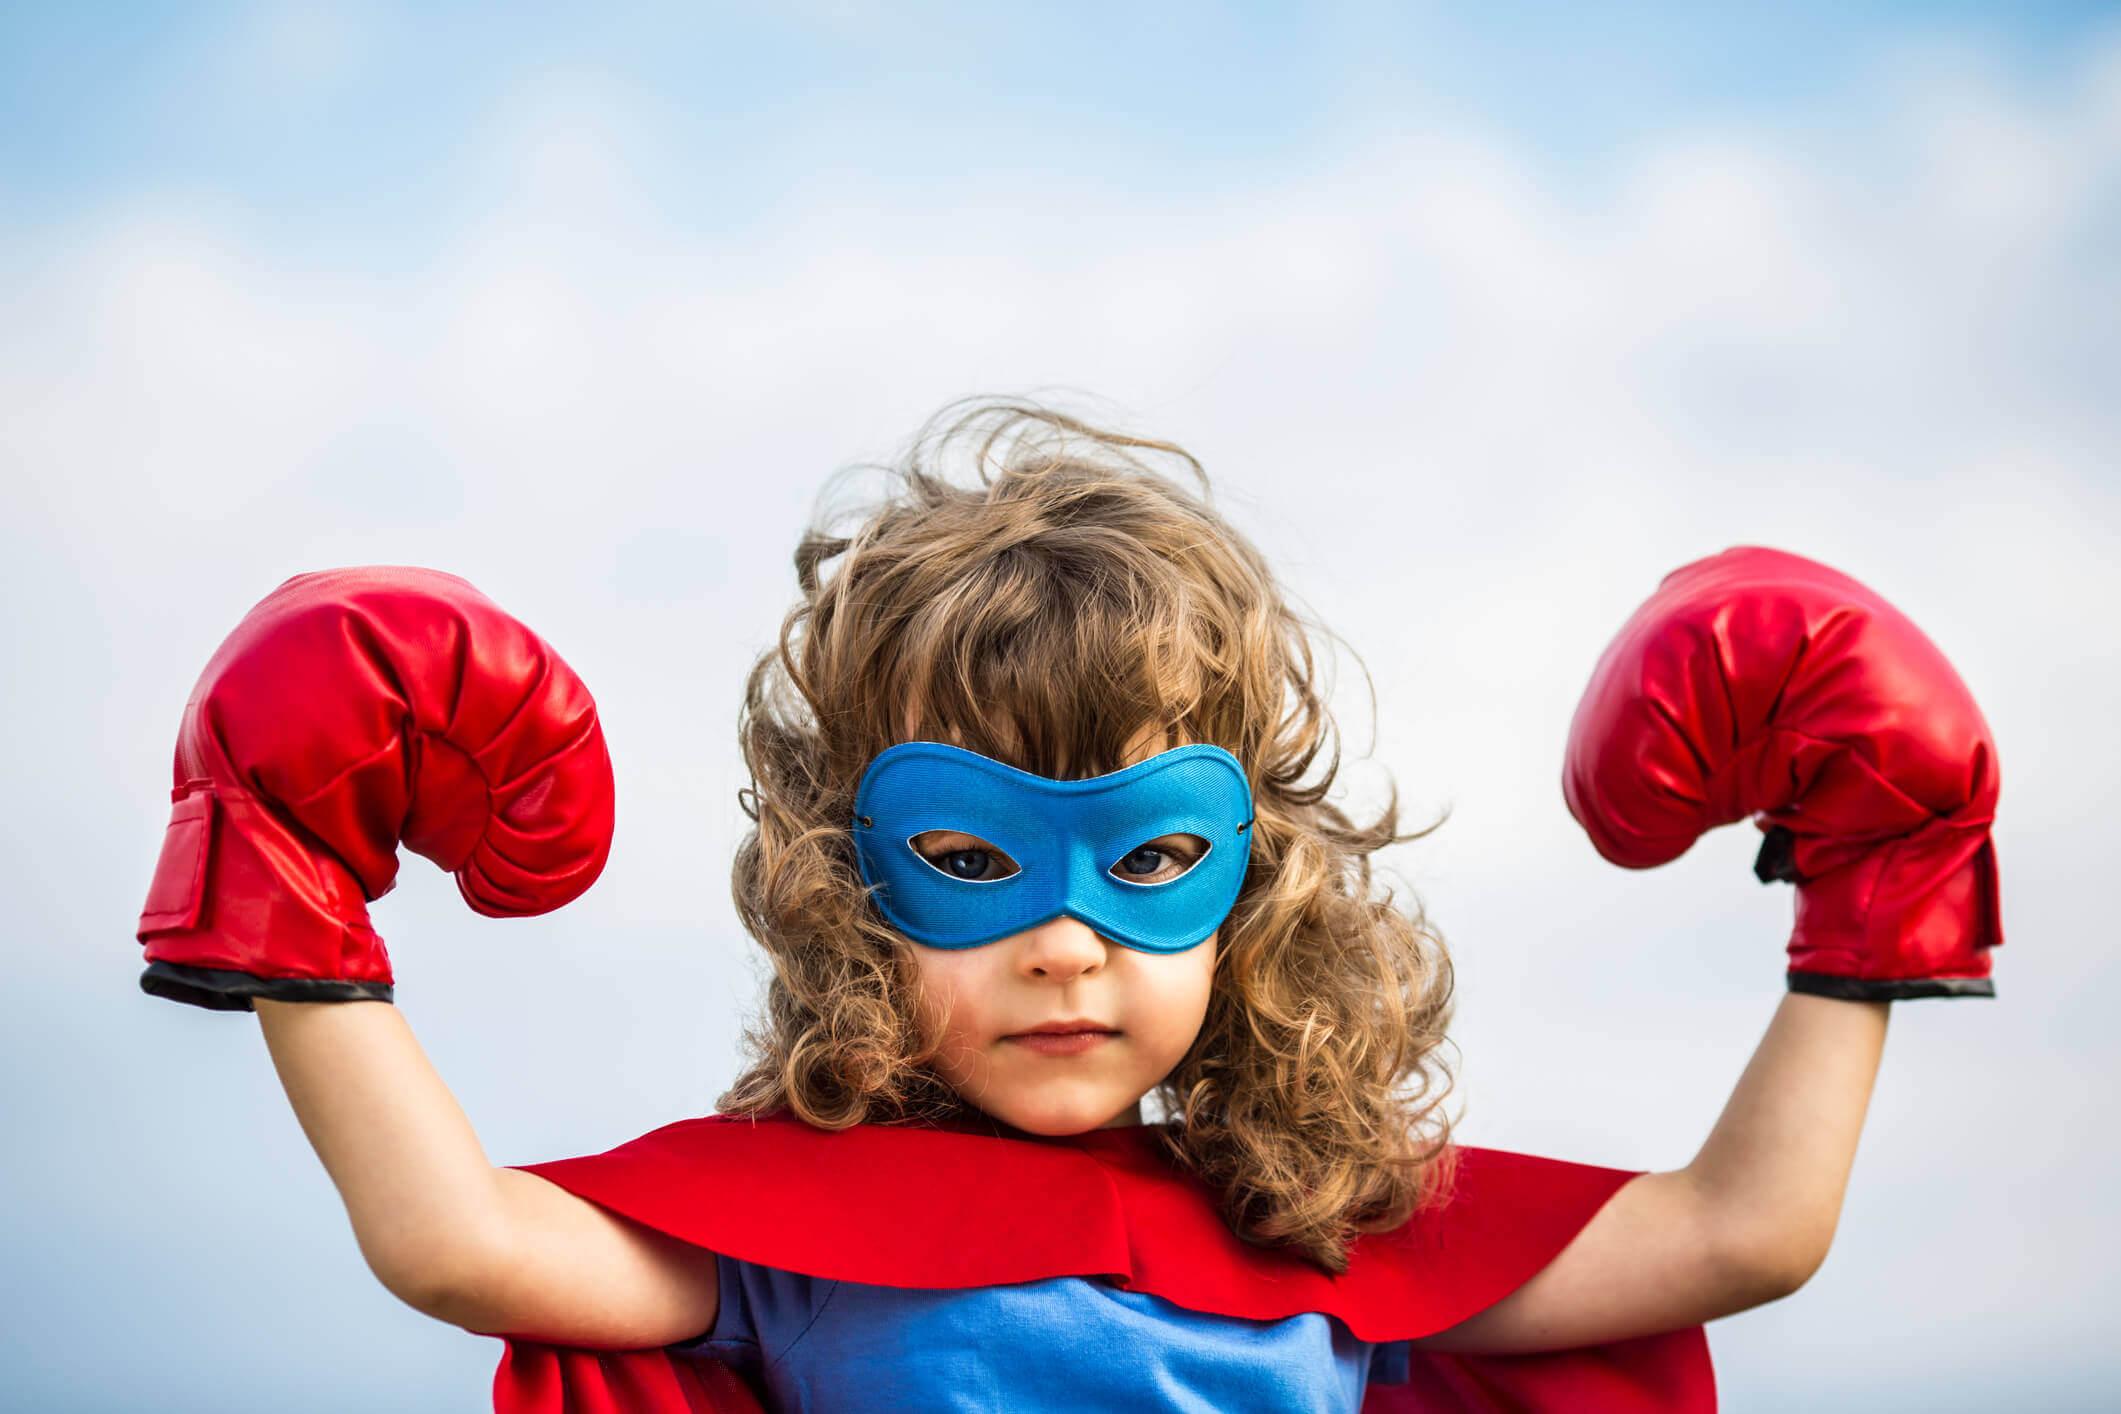 superman kostümü giymiş kız çocuğu